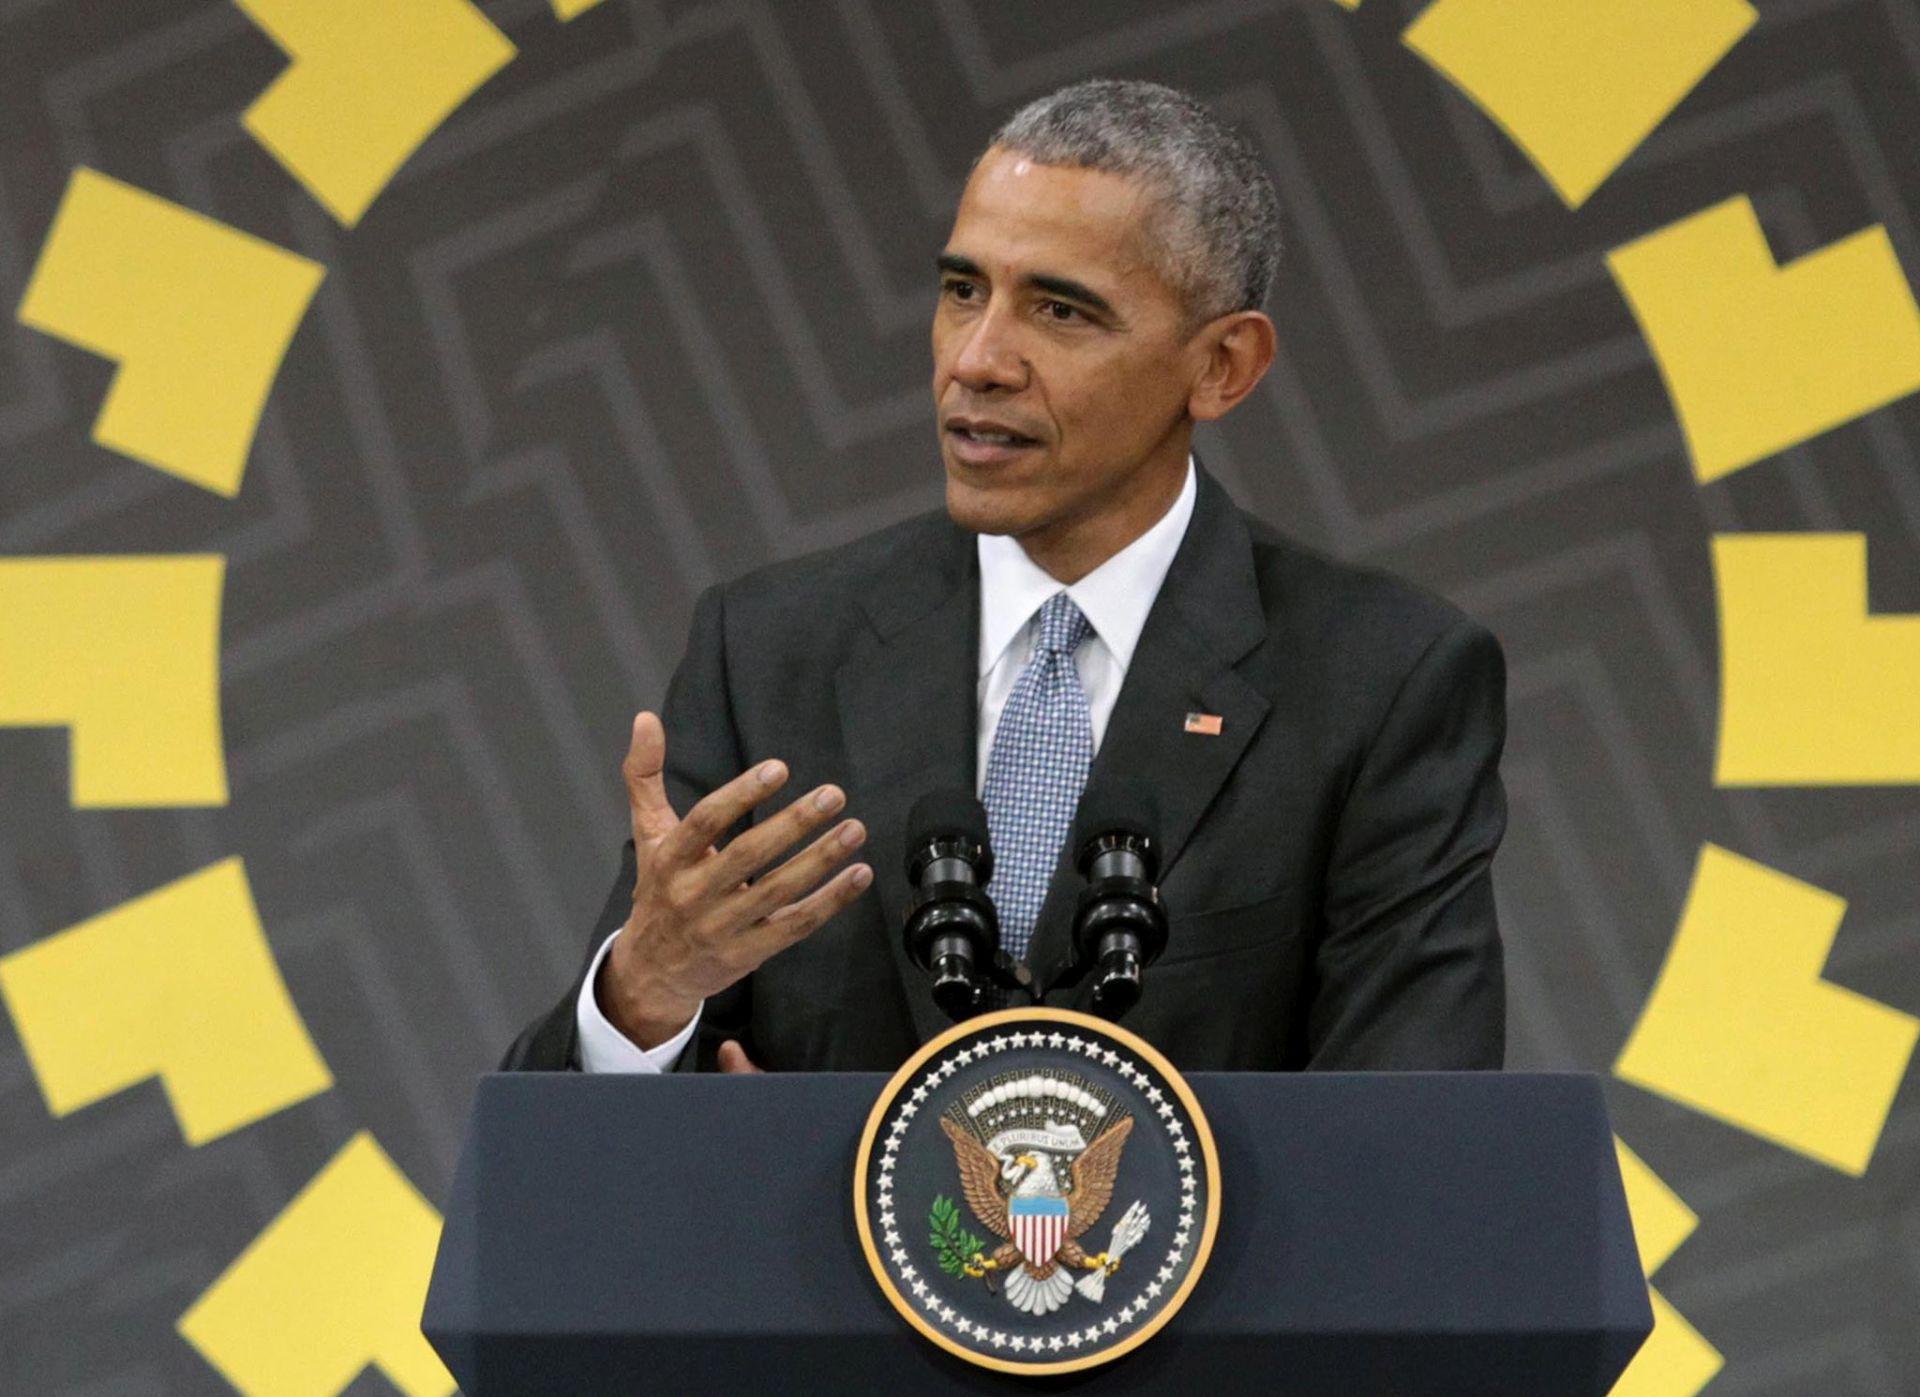 OPROŠTAJNI GOVOR: Obama pozvao na zauzimanje za američke vrijednosti i odbacivanje diskriminacije